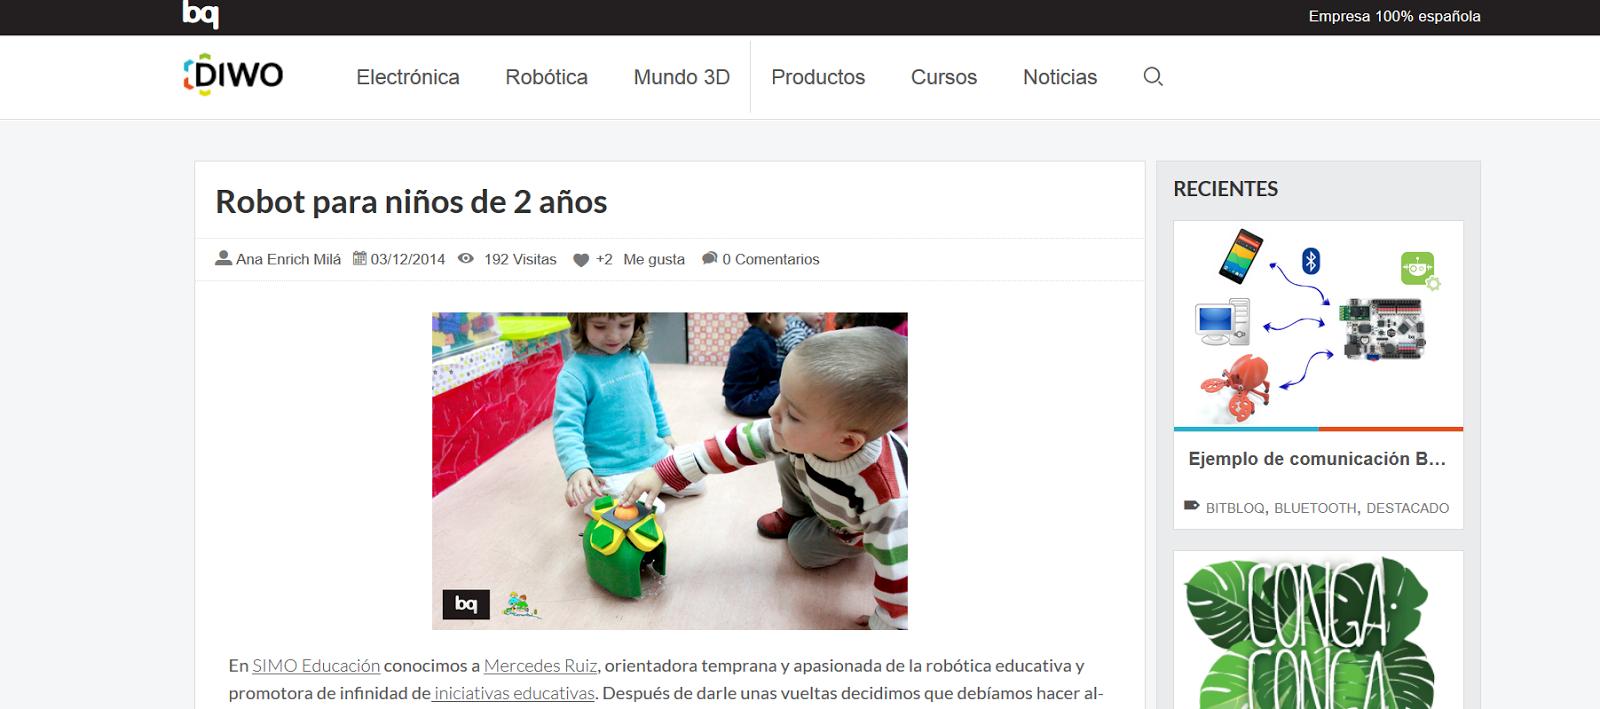 http://diwo.bq.com/blog/robot-para-ninos-de-2-anos/